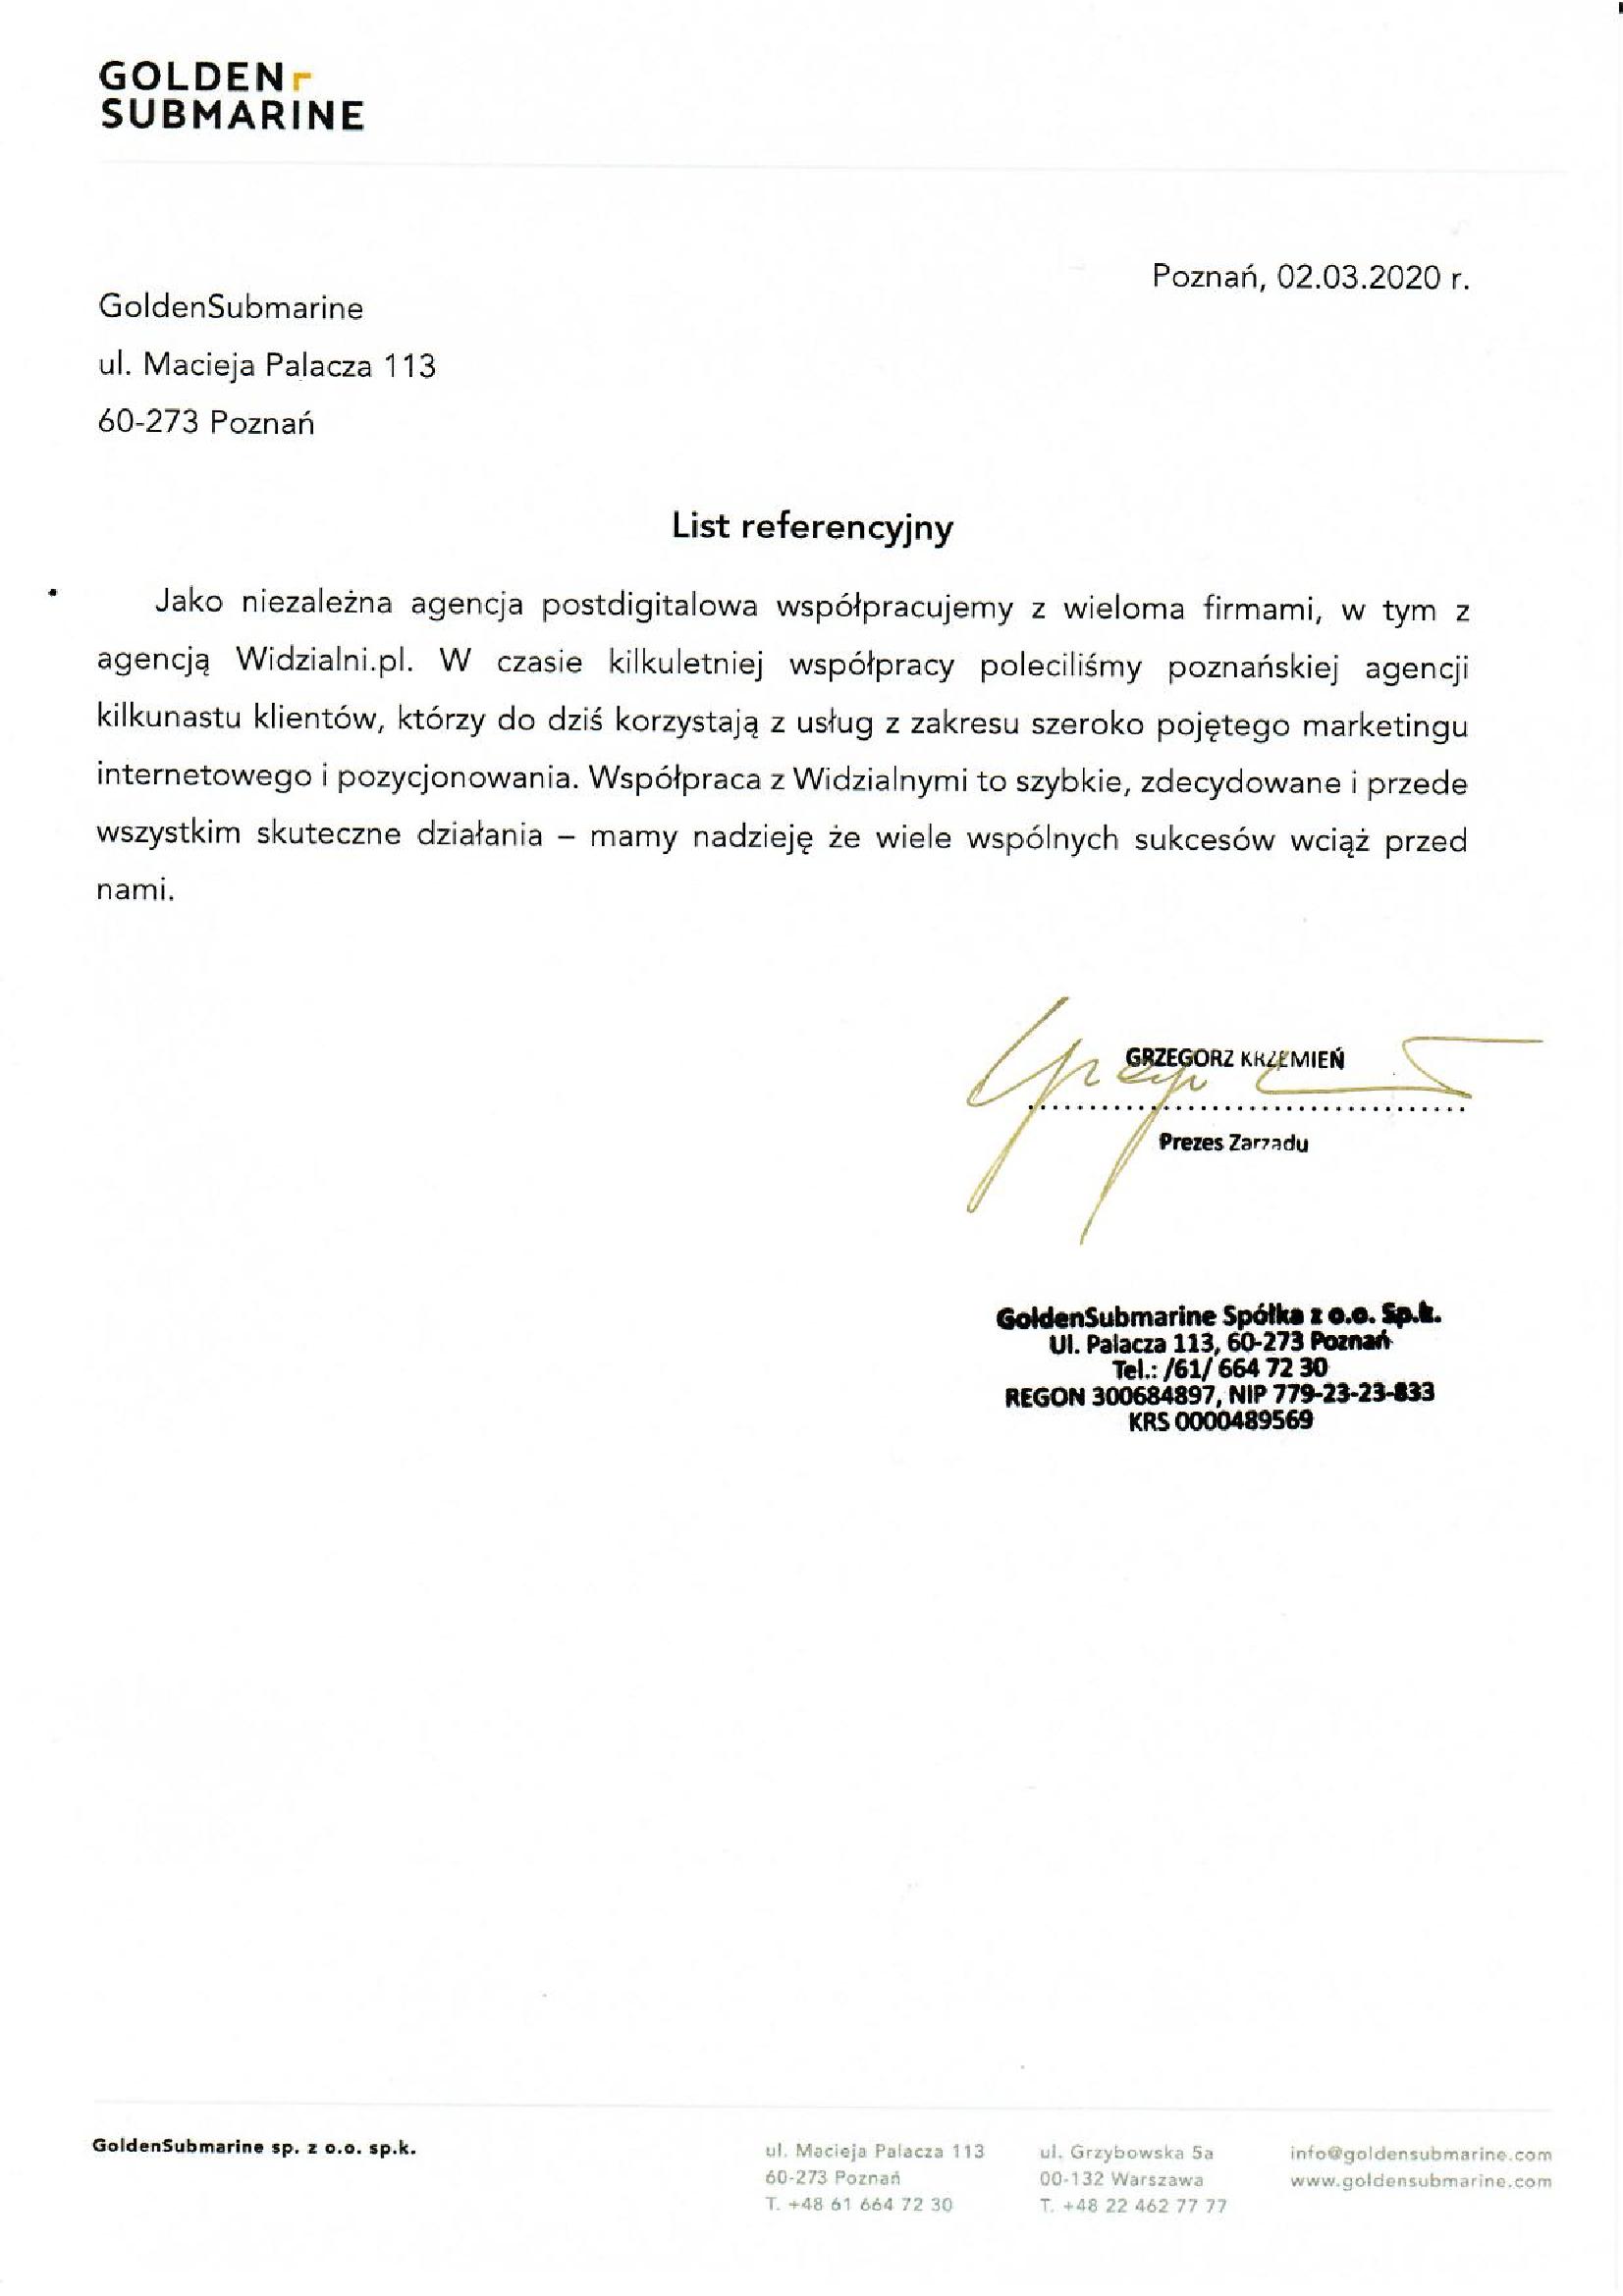 Referencje Widzialni.pl GoldenSubmarine Sp. z o.o. Sp.k.